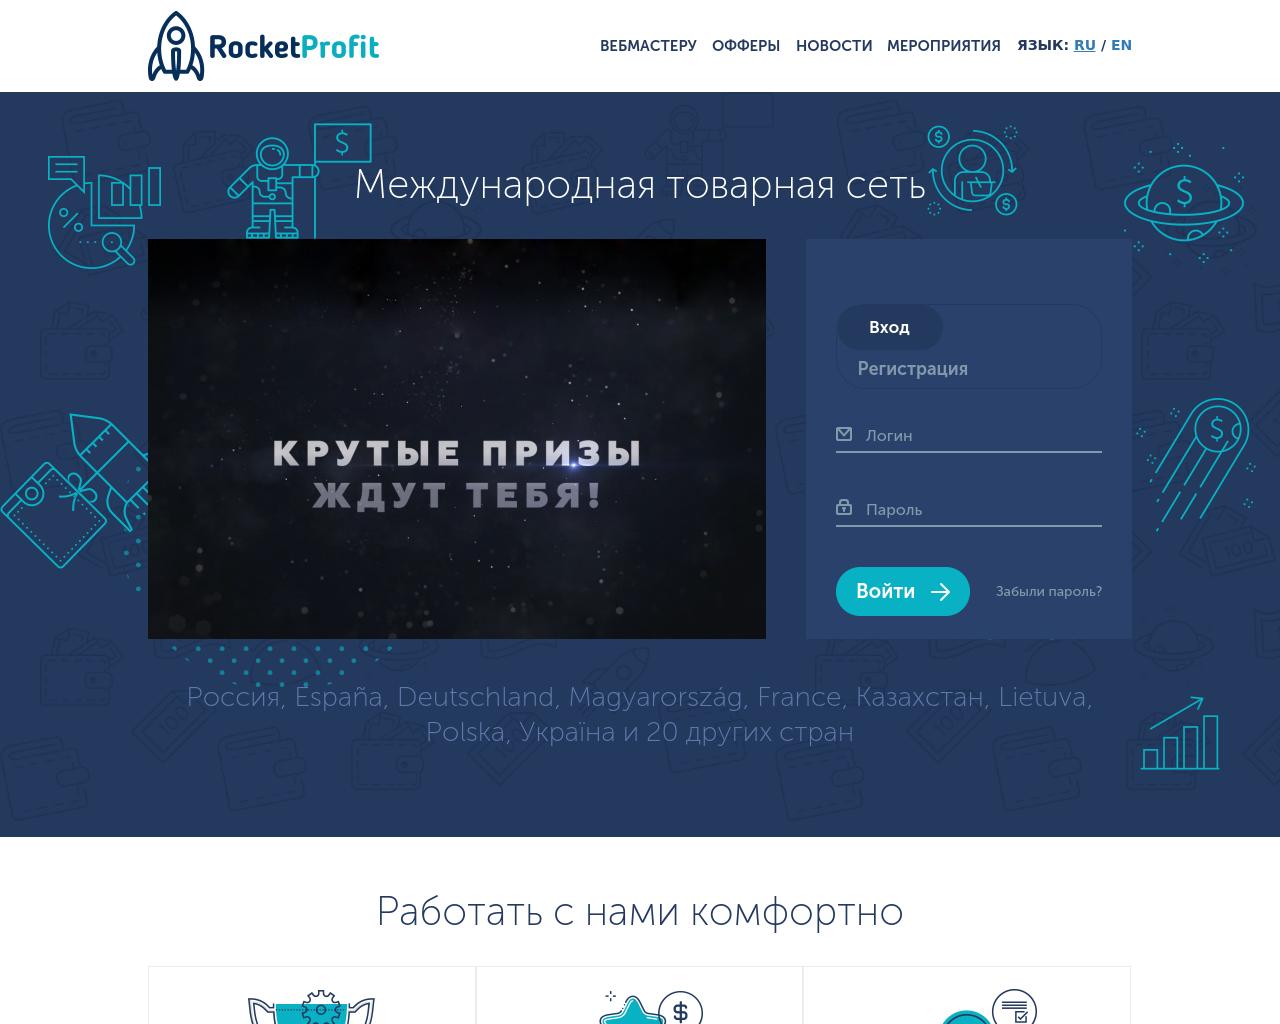 RocketProfit-Advertising-Reviews-Pricing